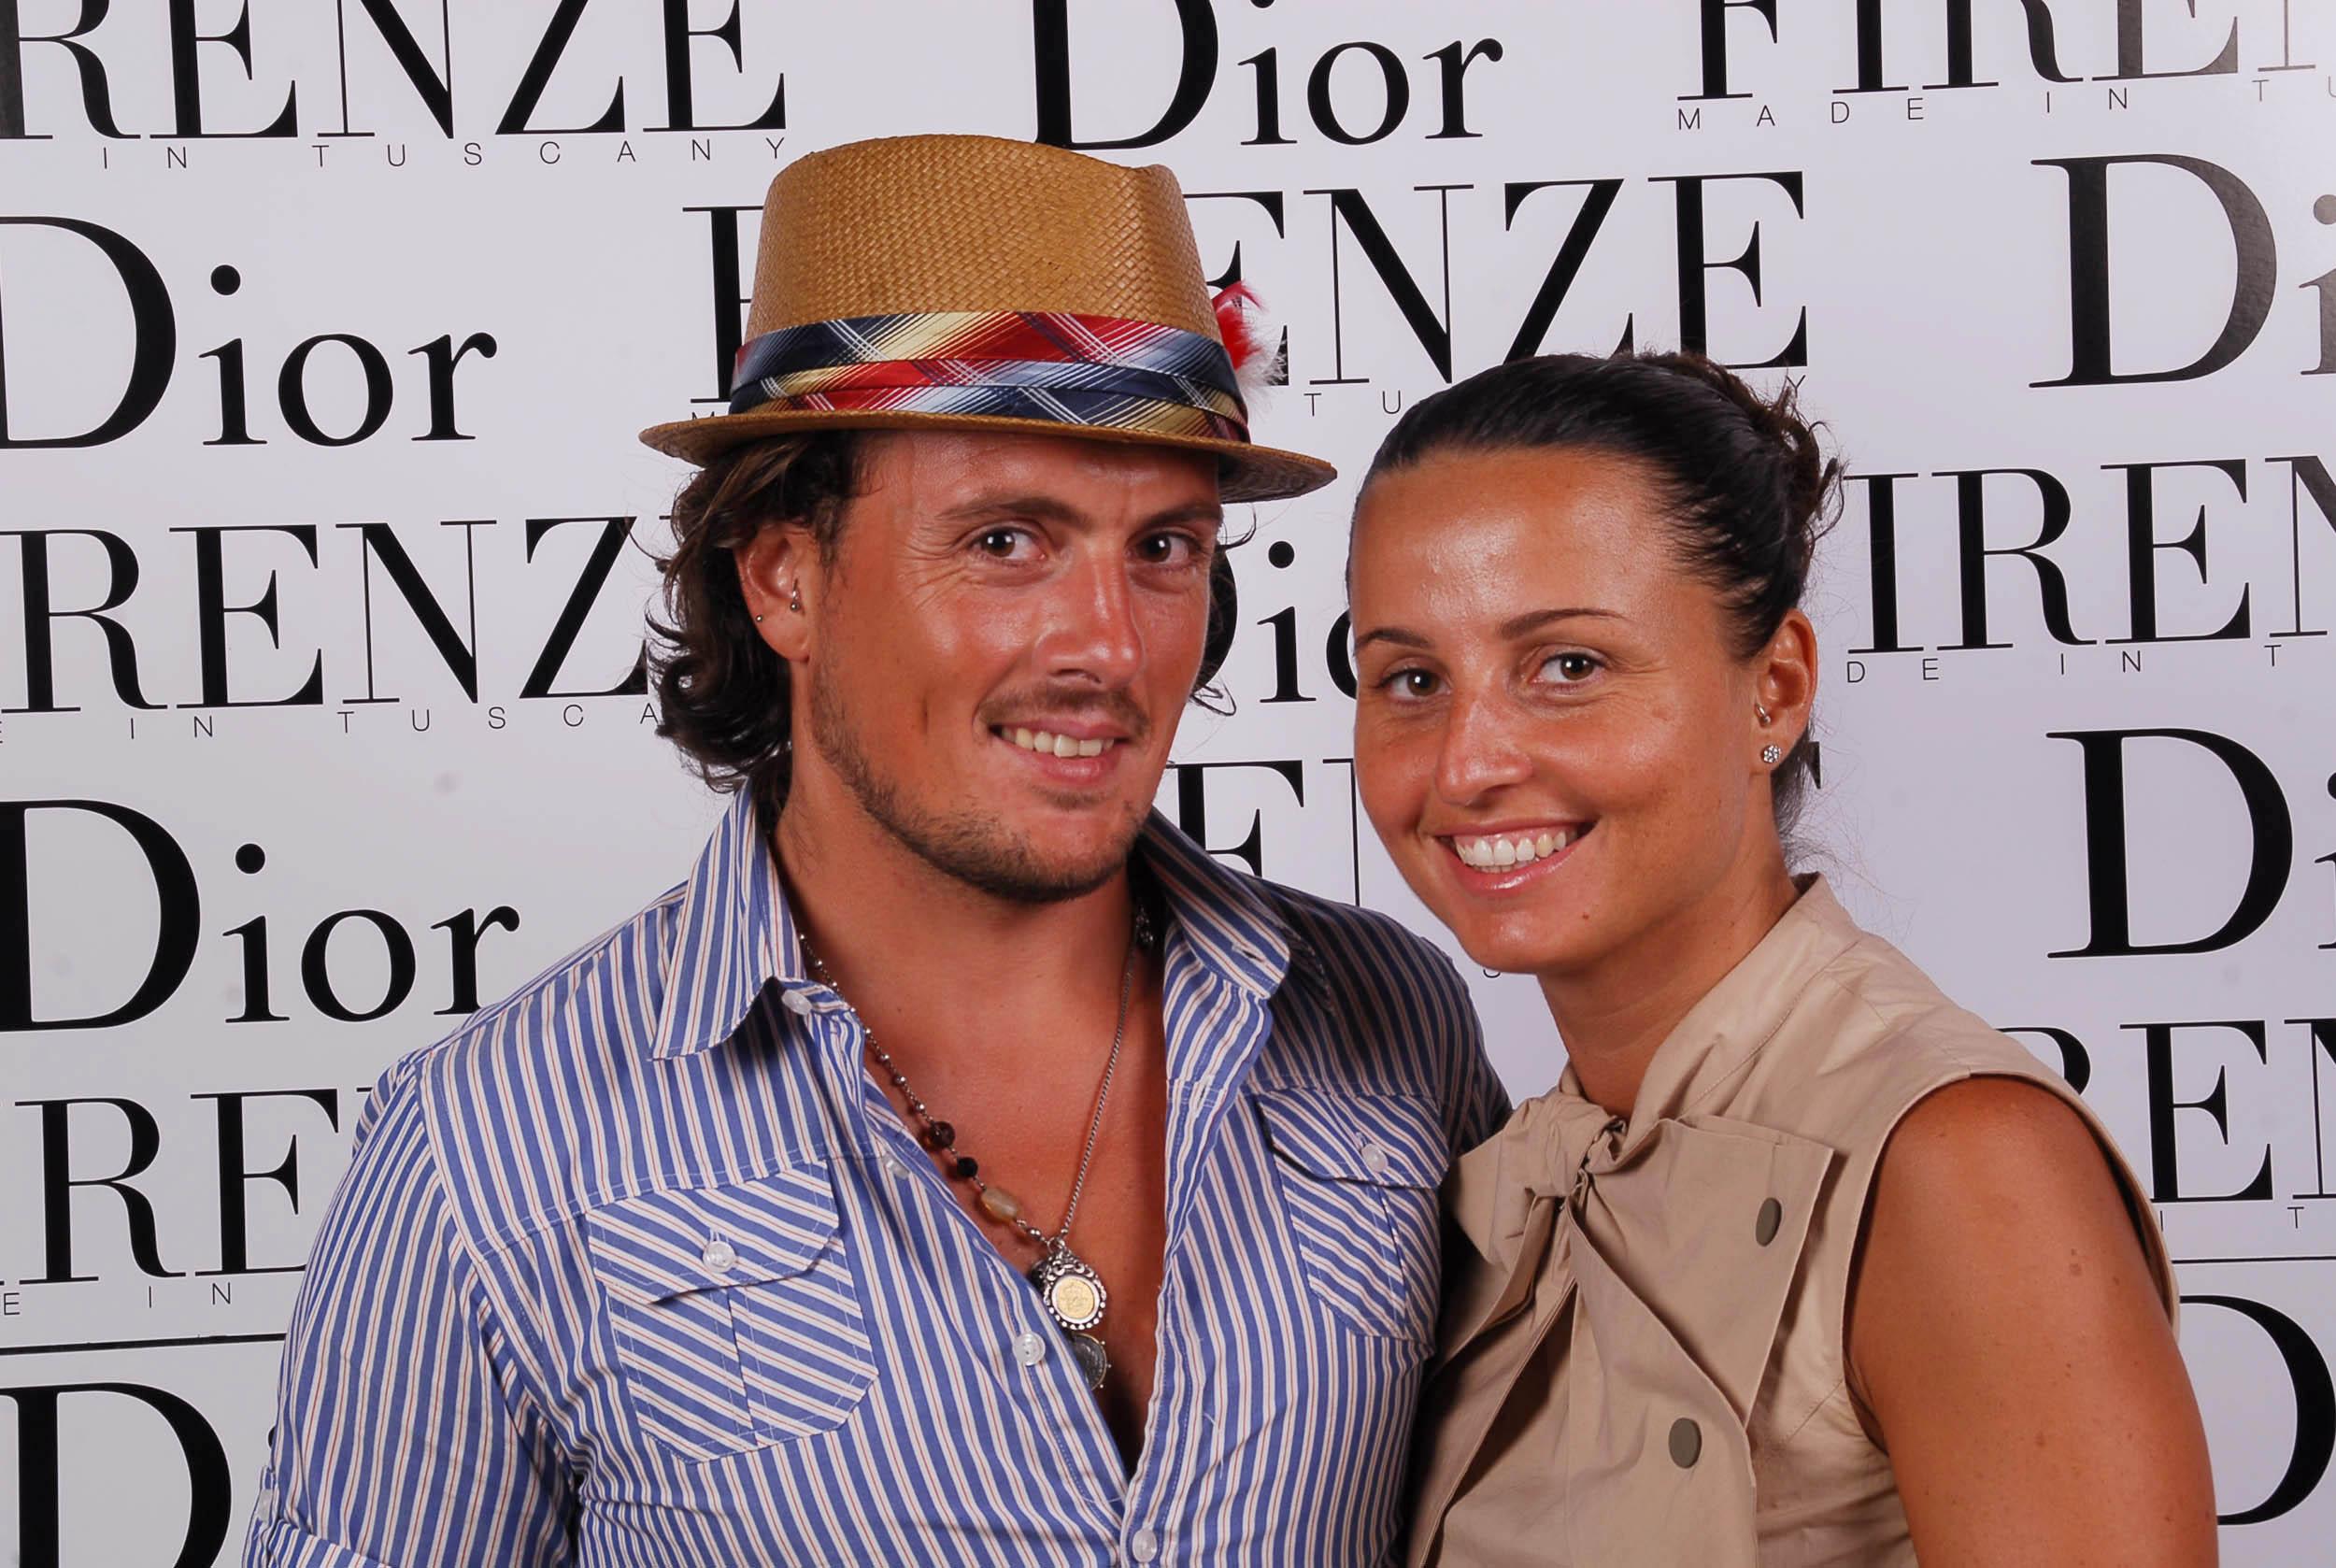 PRESSPHOTO  Firenze, evento Dior al teatro romano di Fiesole. Nella foto Francesca e Andrea Cresci